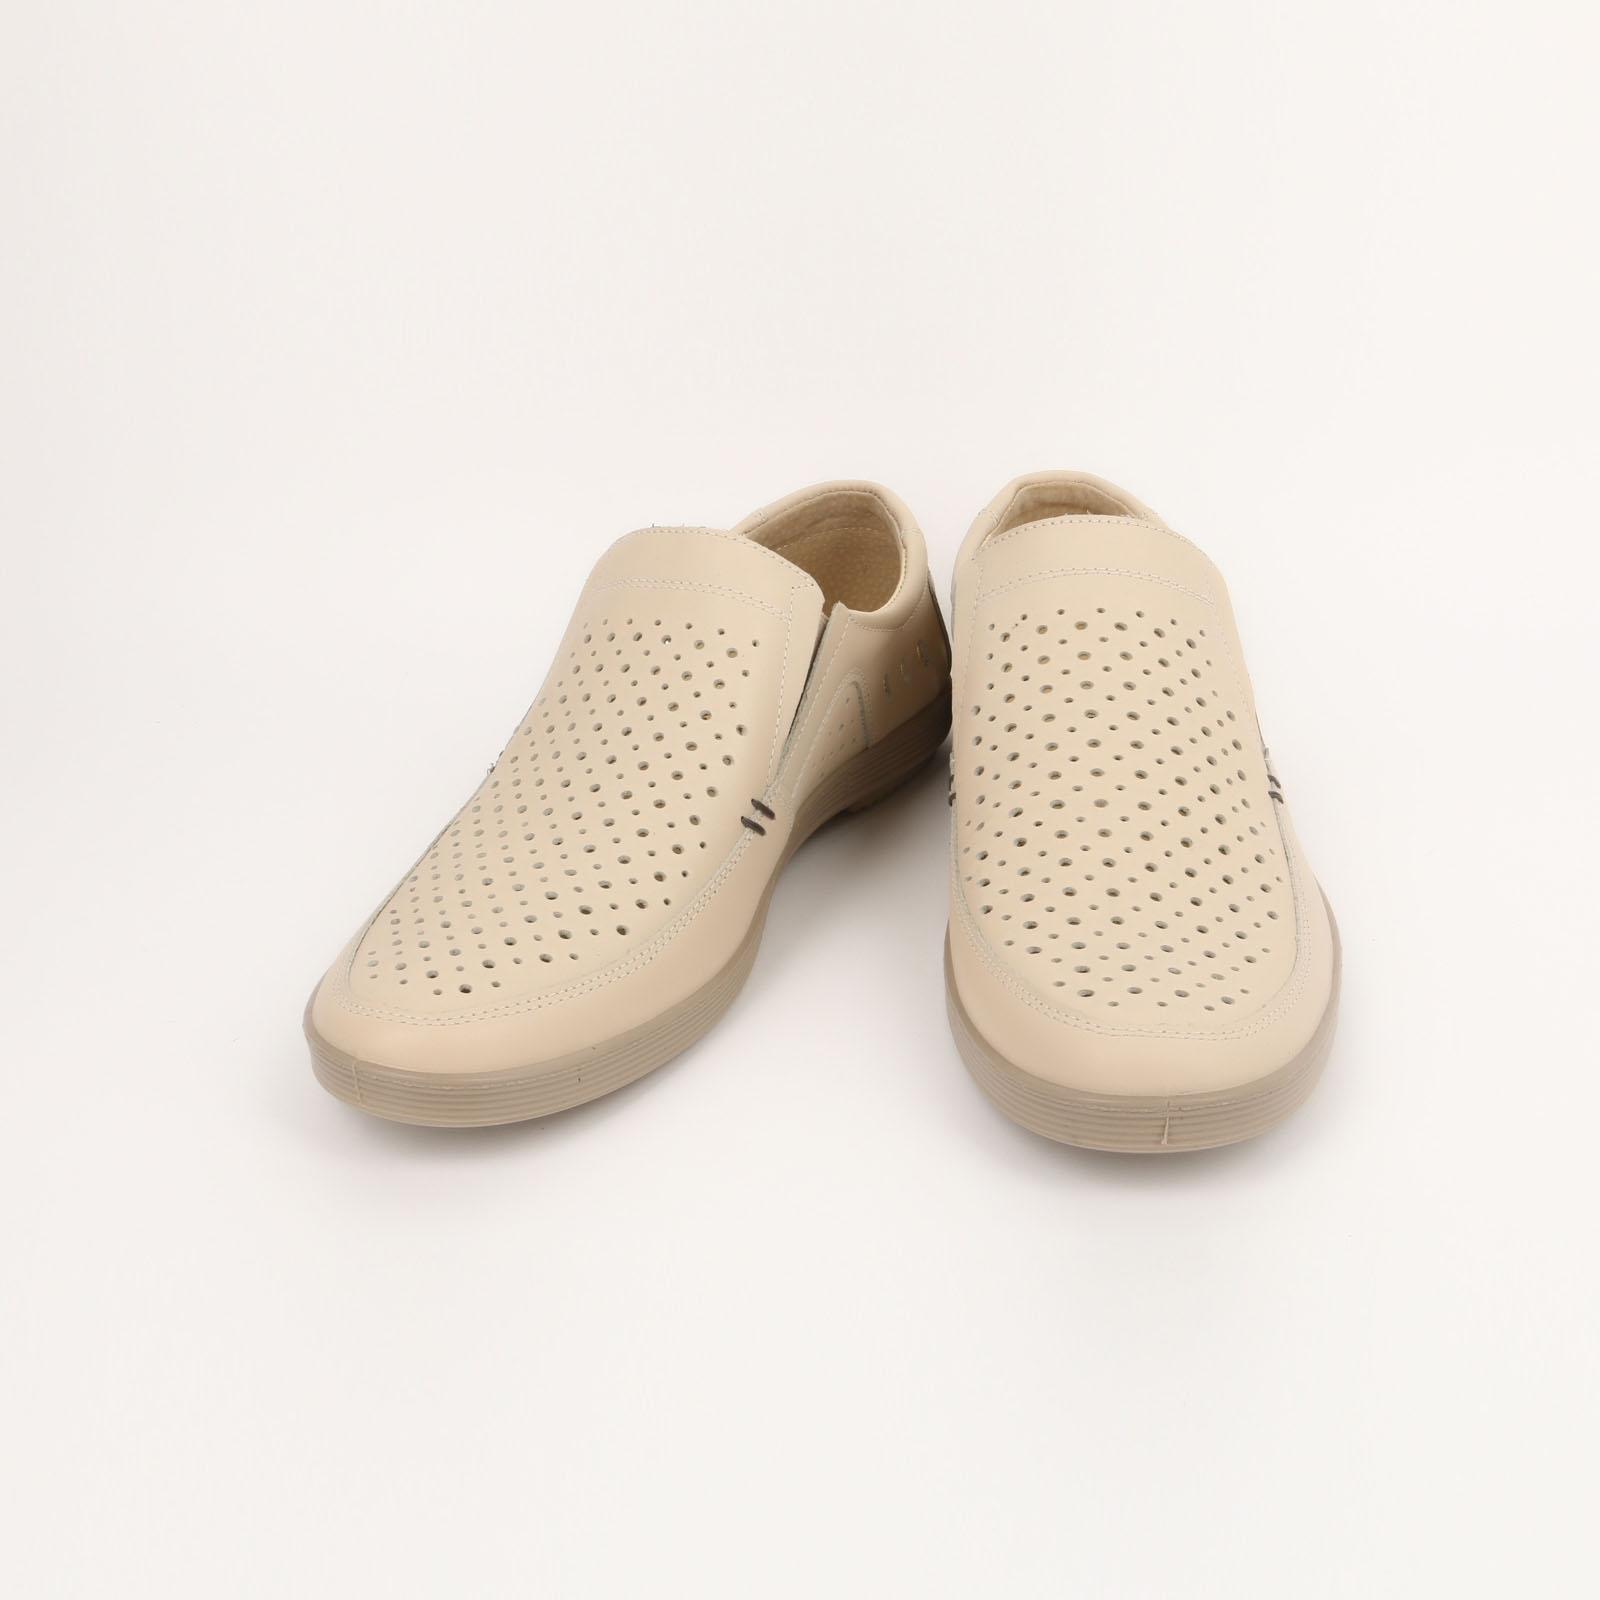 Туфли мужские комфортные с перфорацией